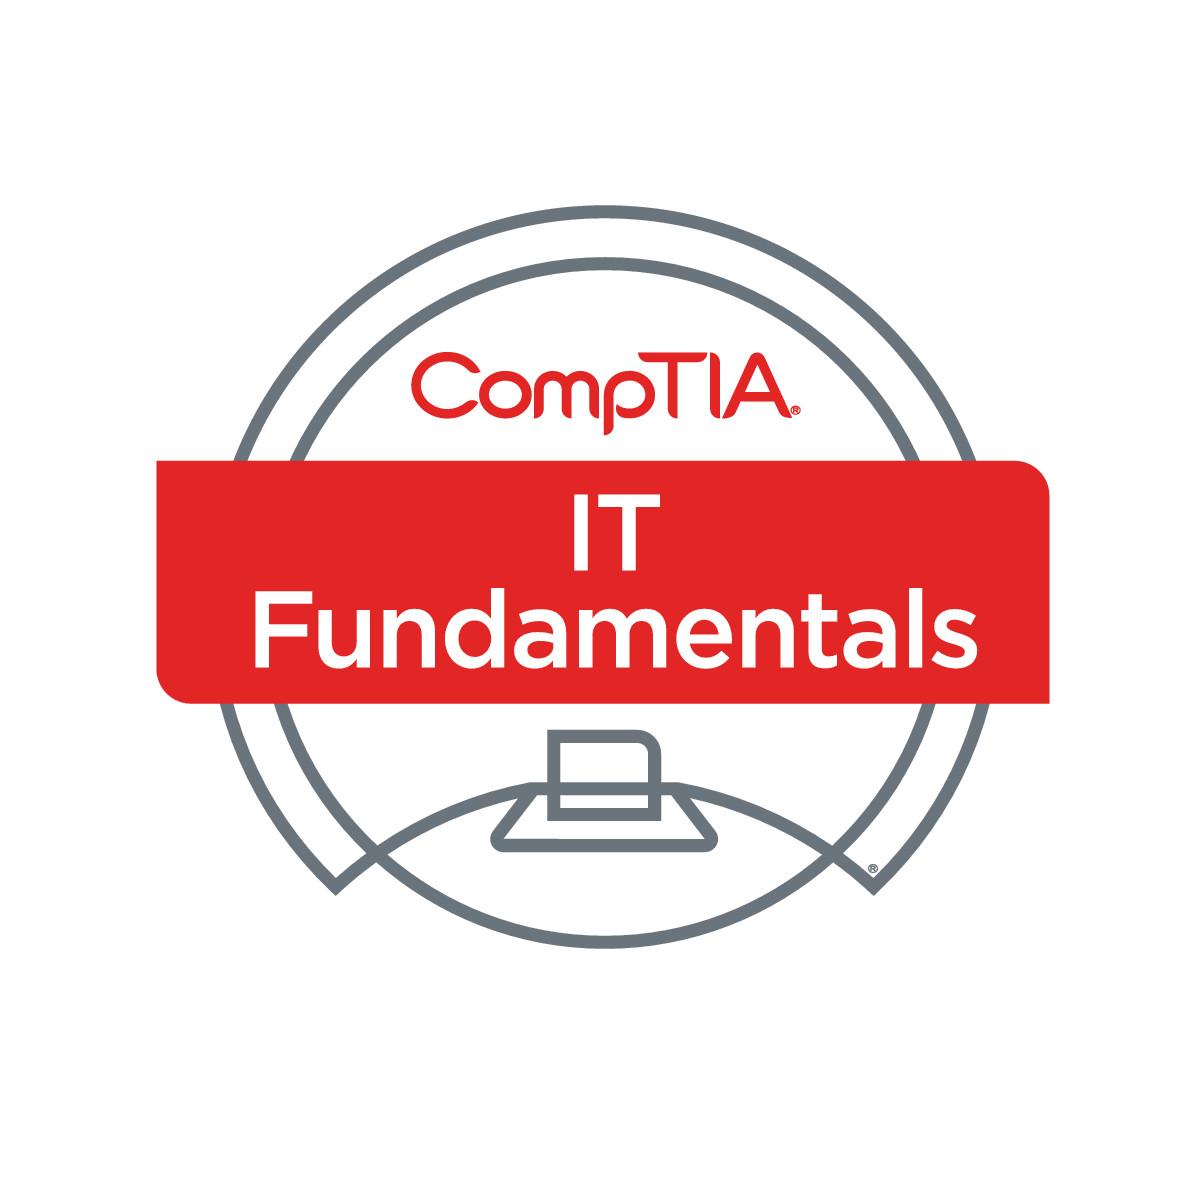 CompTIA IT Fundamentals Logo